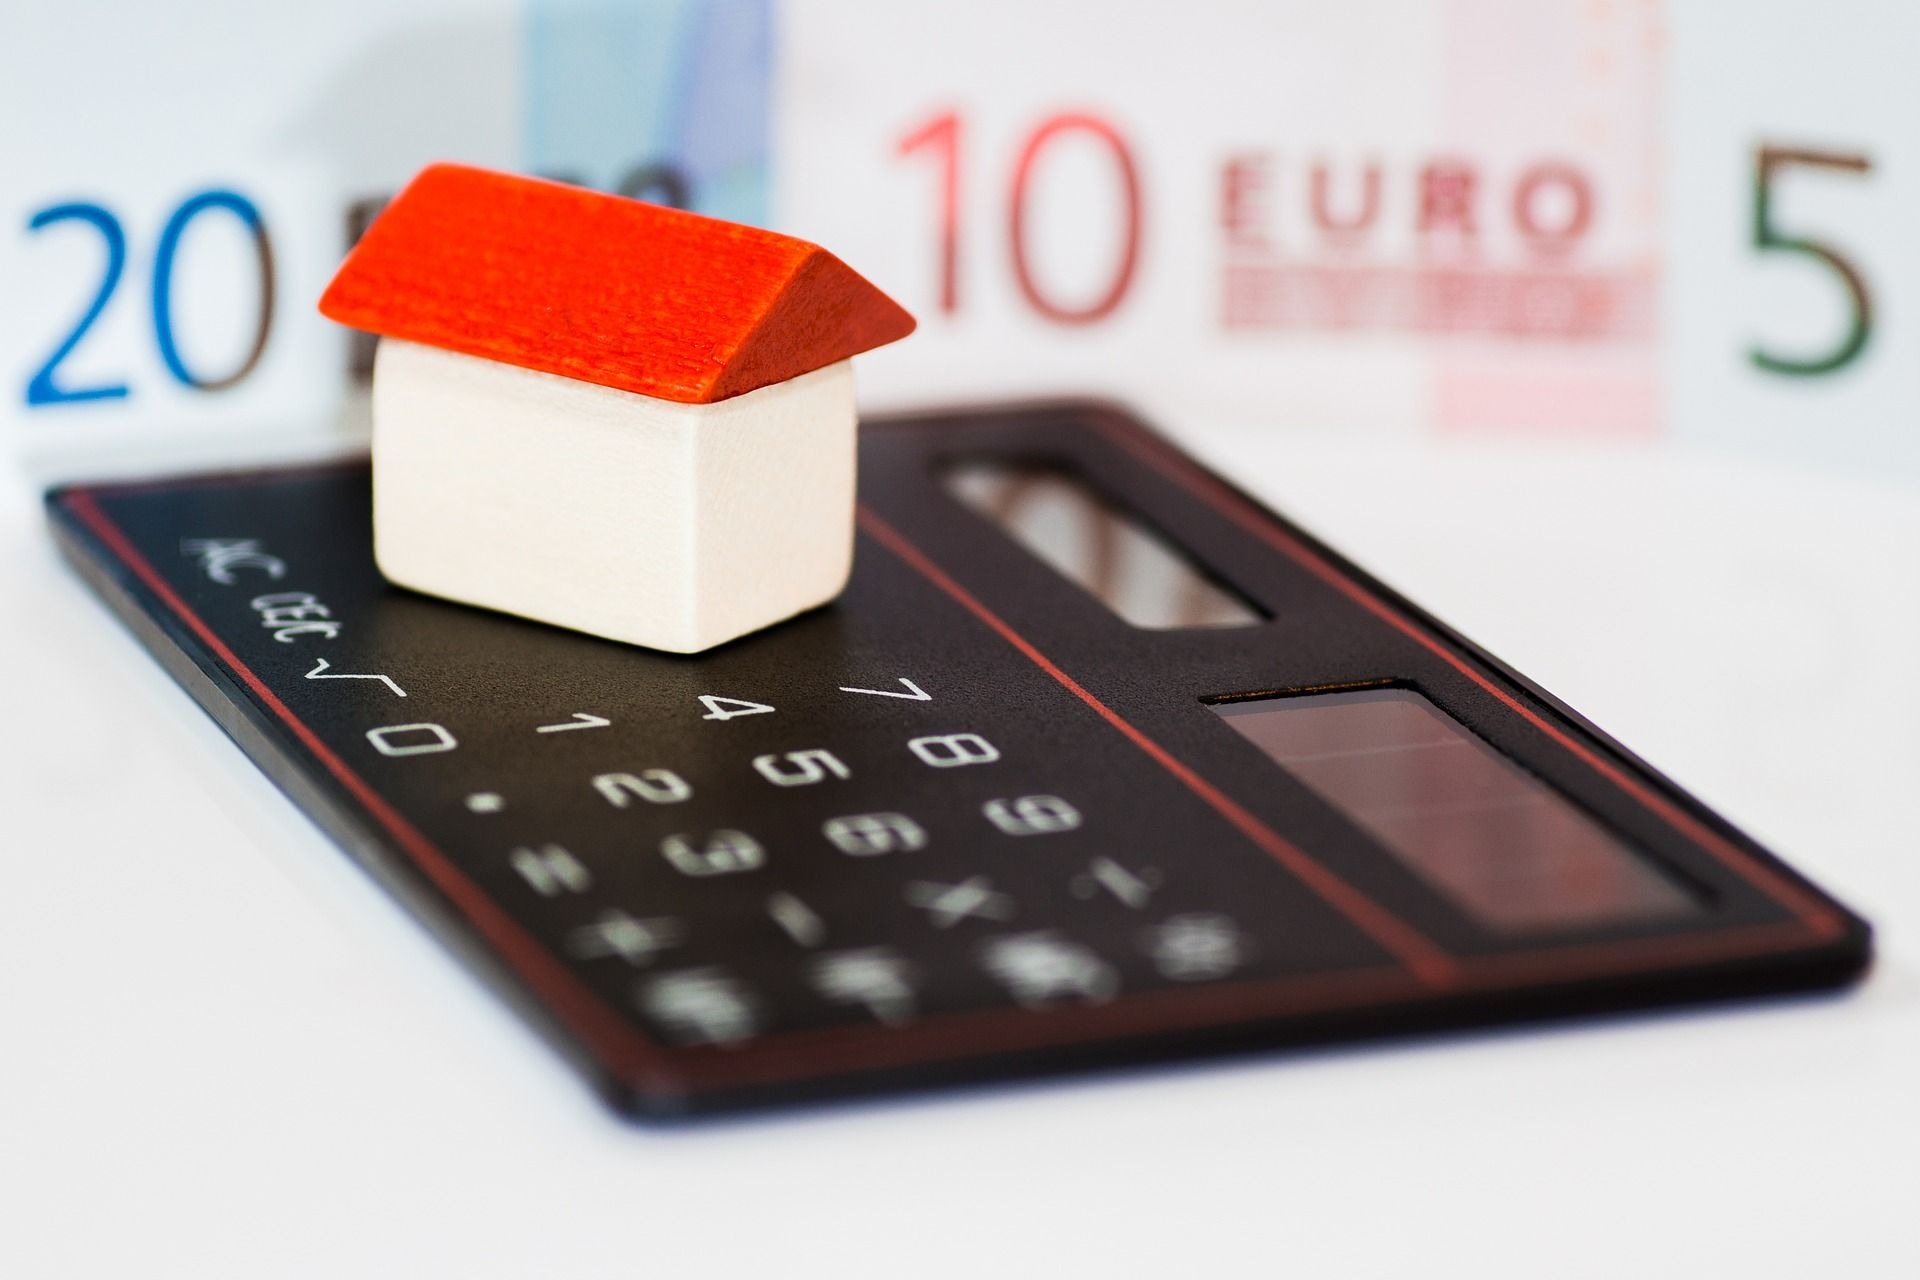 Casa tejado rojo y calculadora